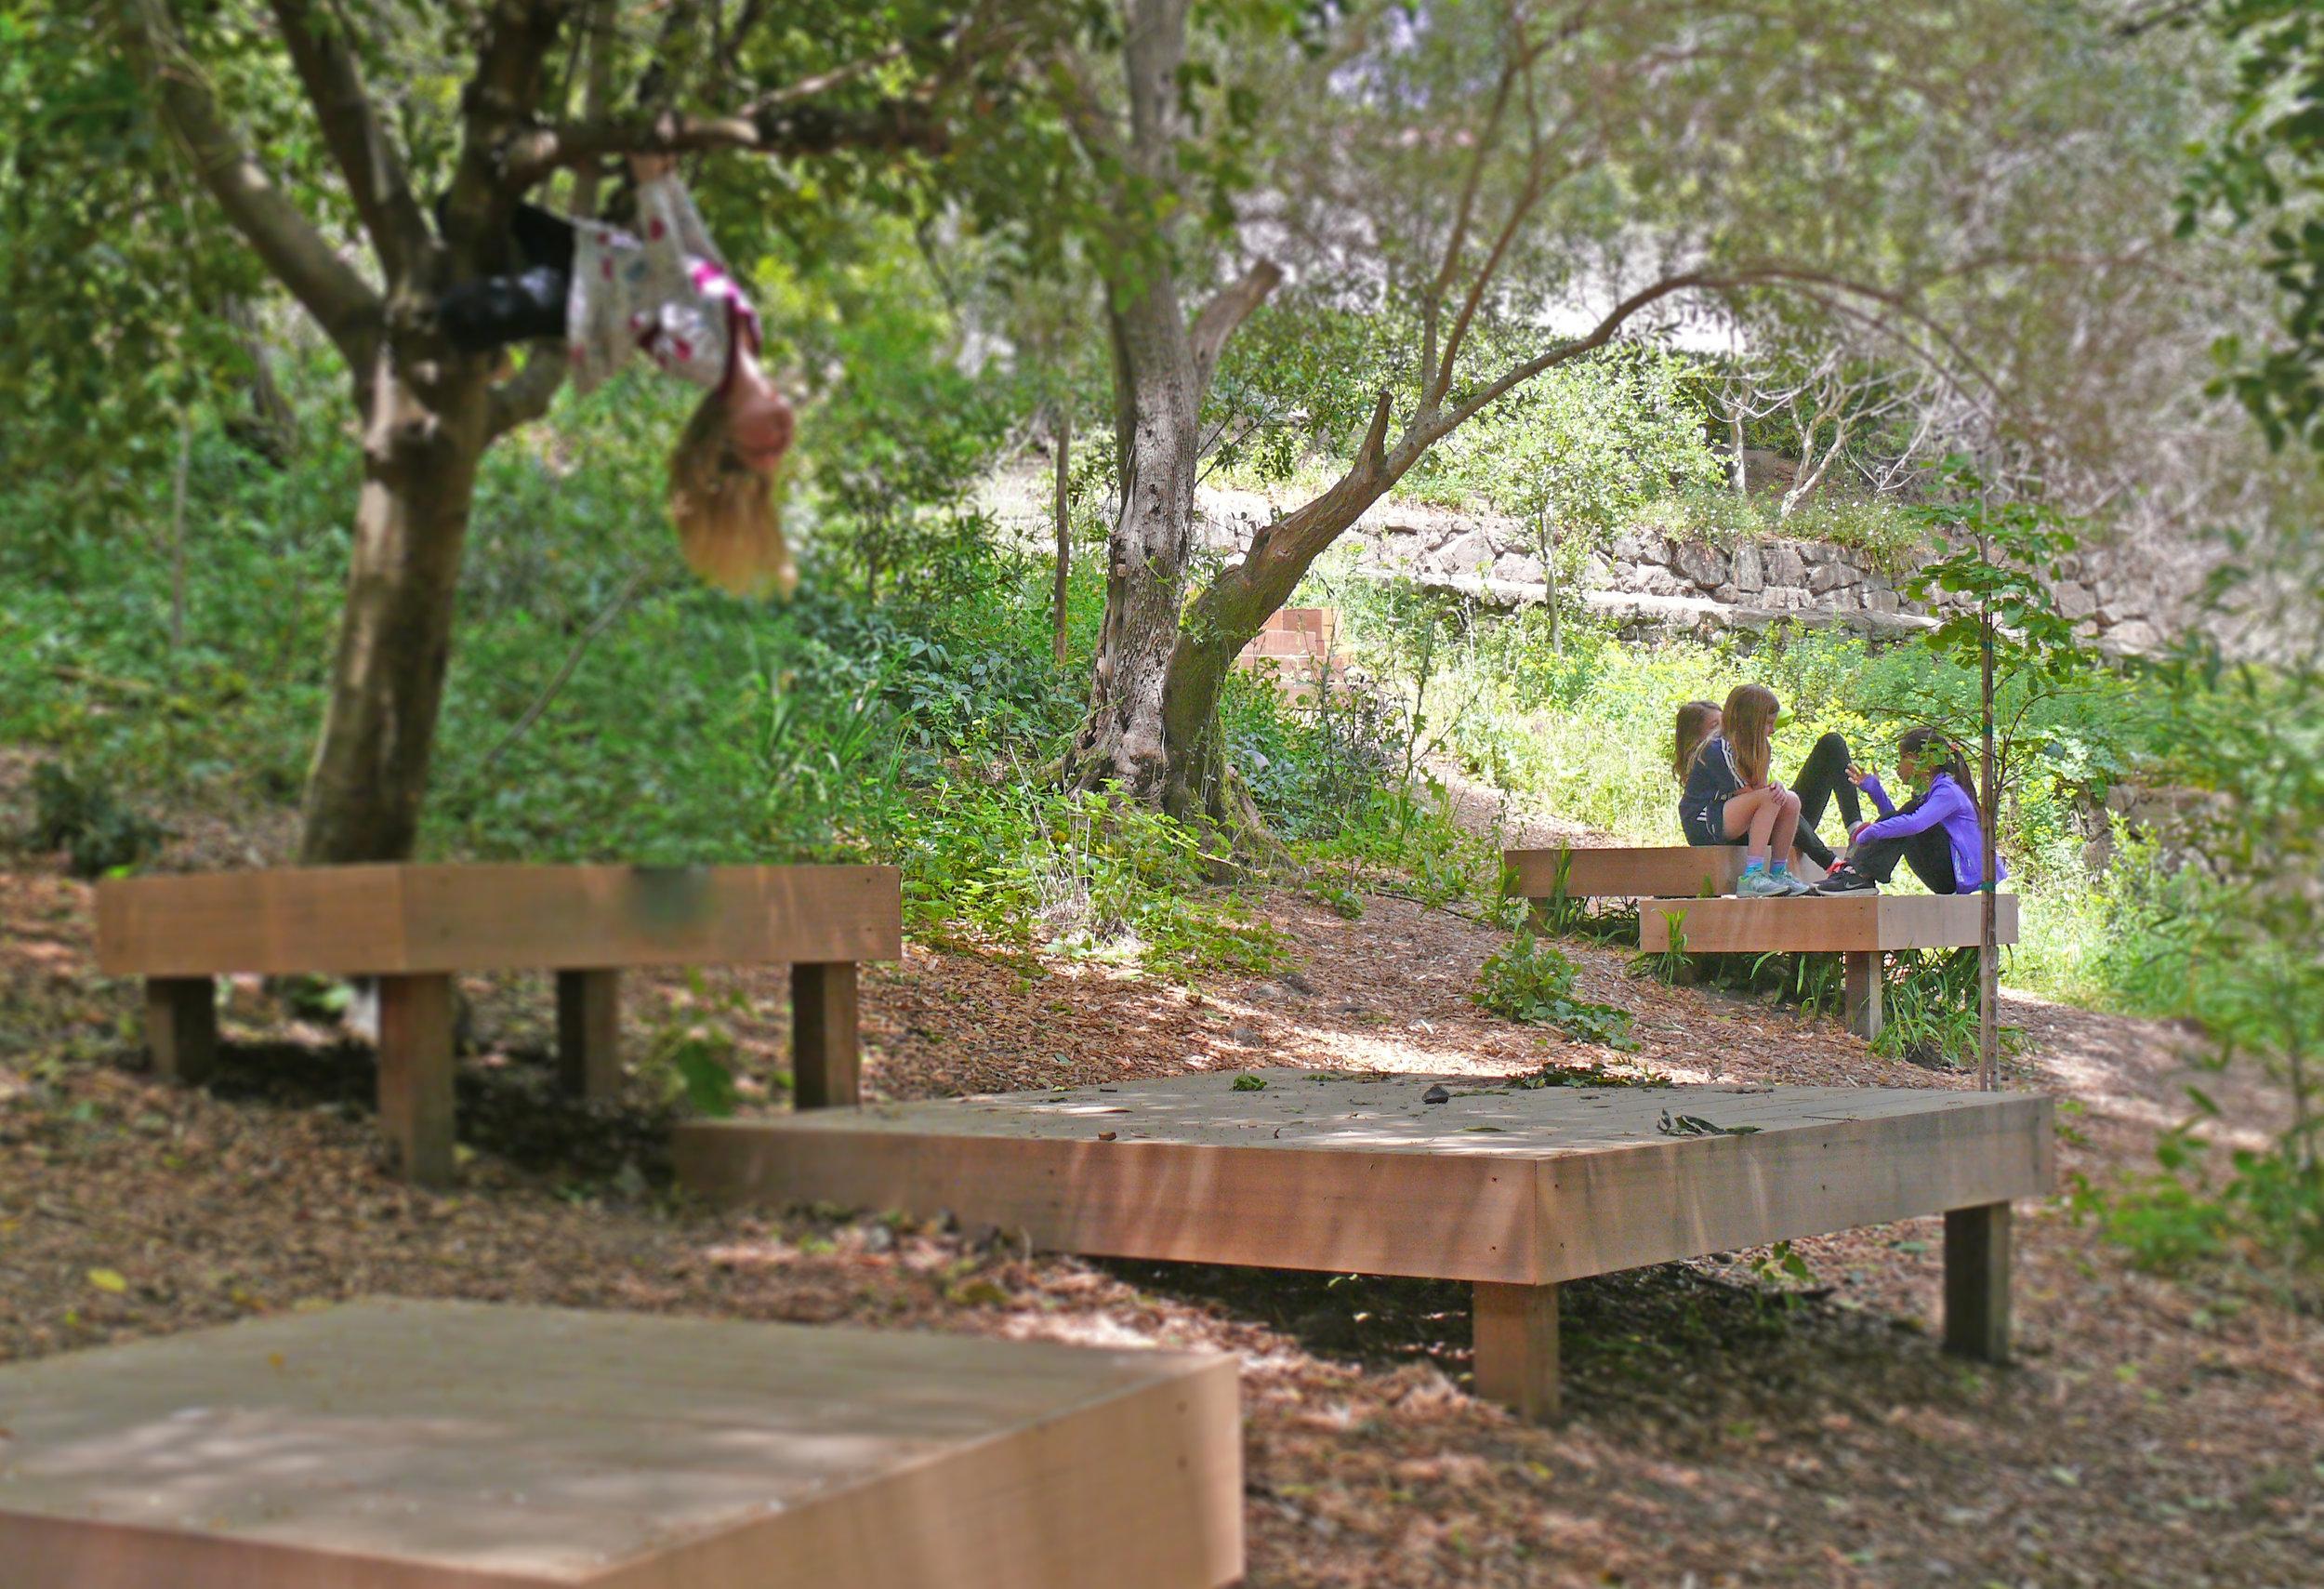 Memorial Nature Play Space